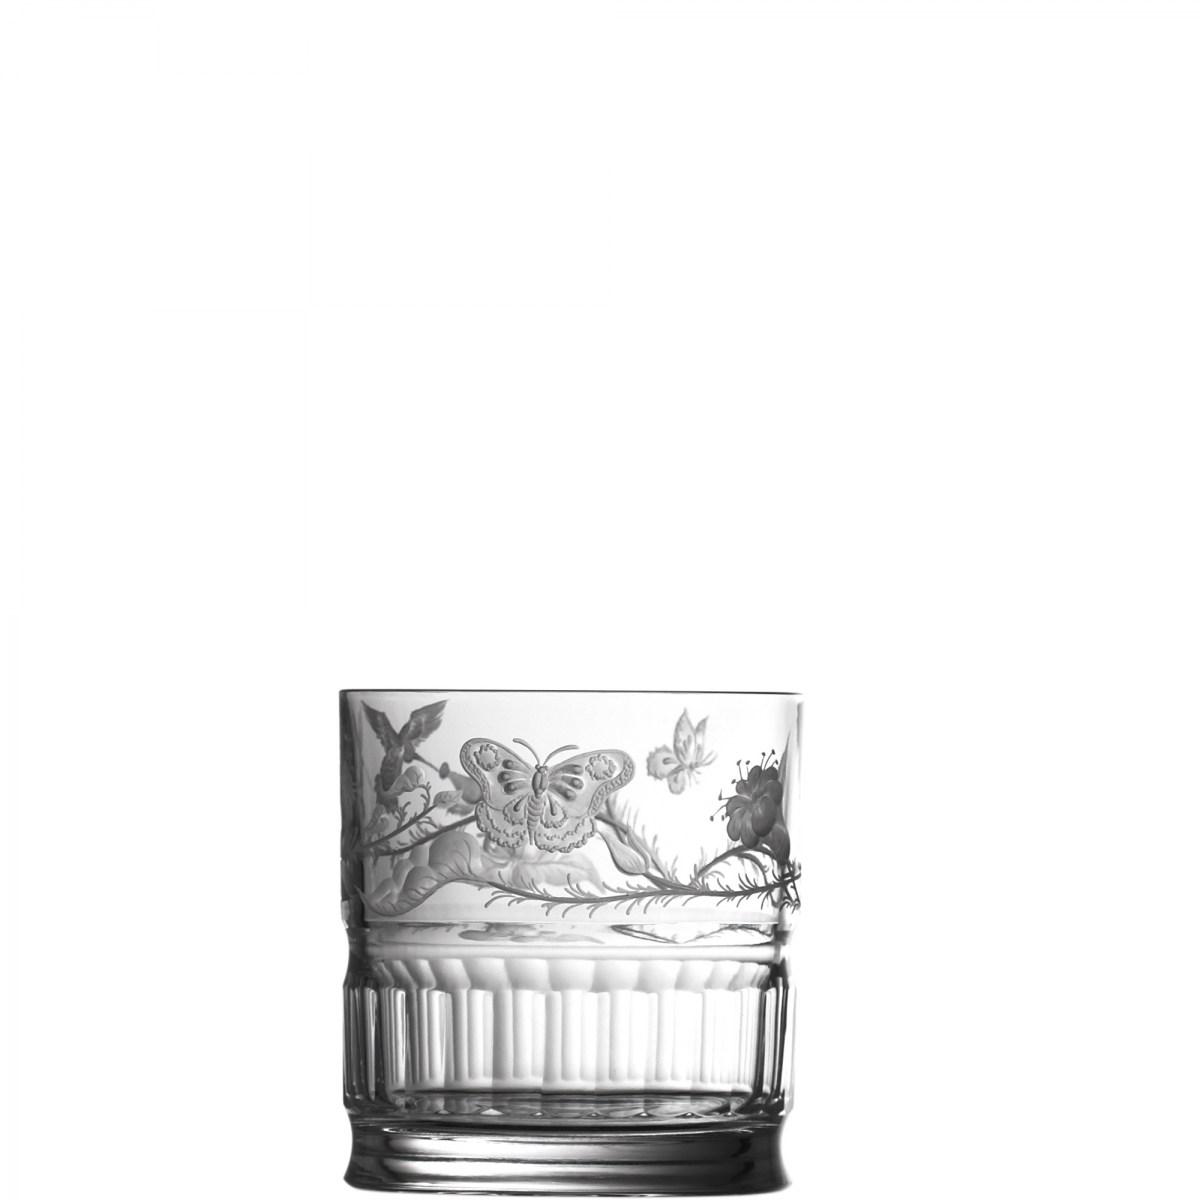 Marbella Clear DOF - $ 203 / € 178